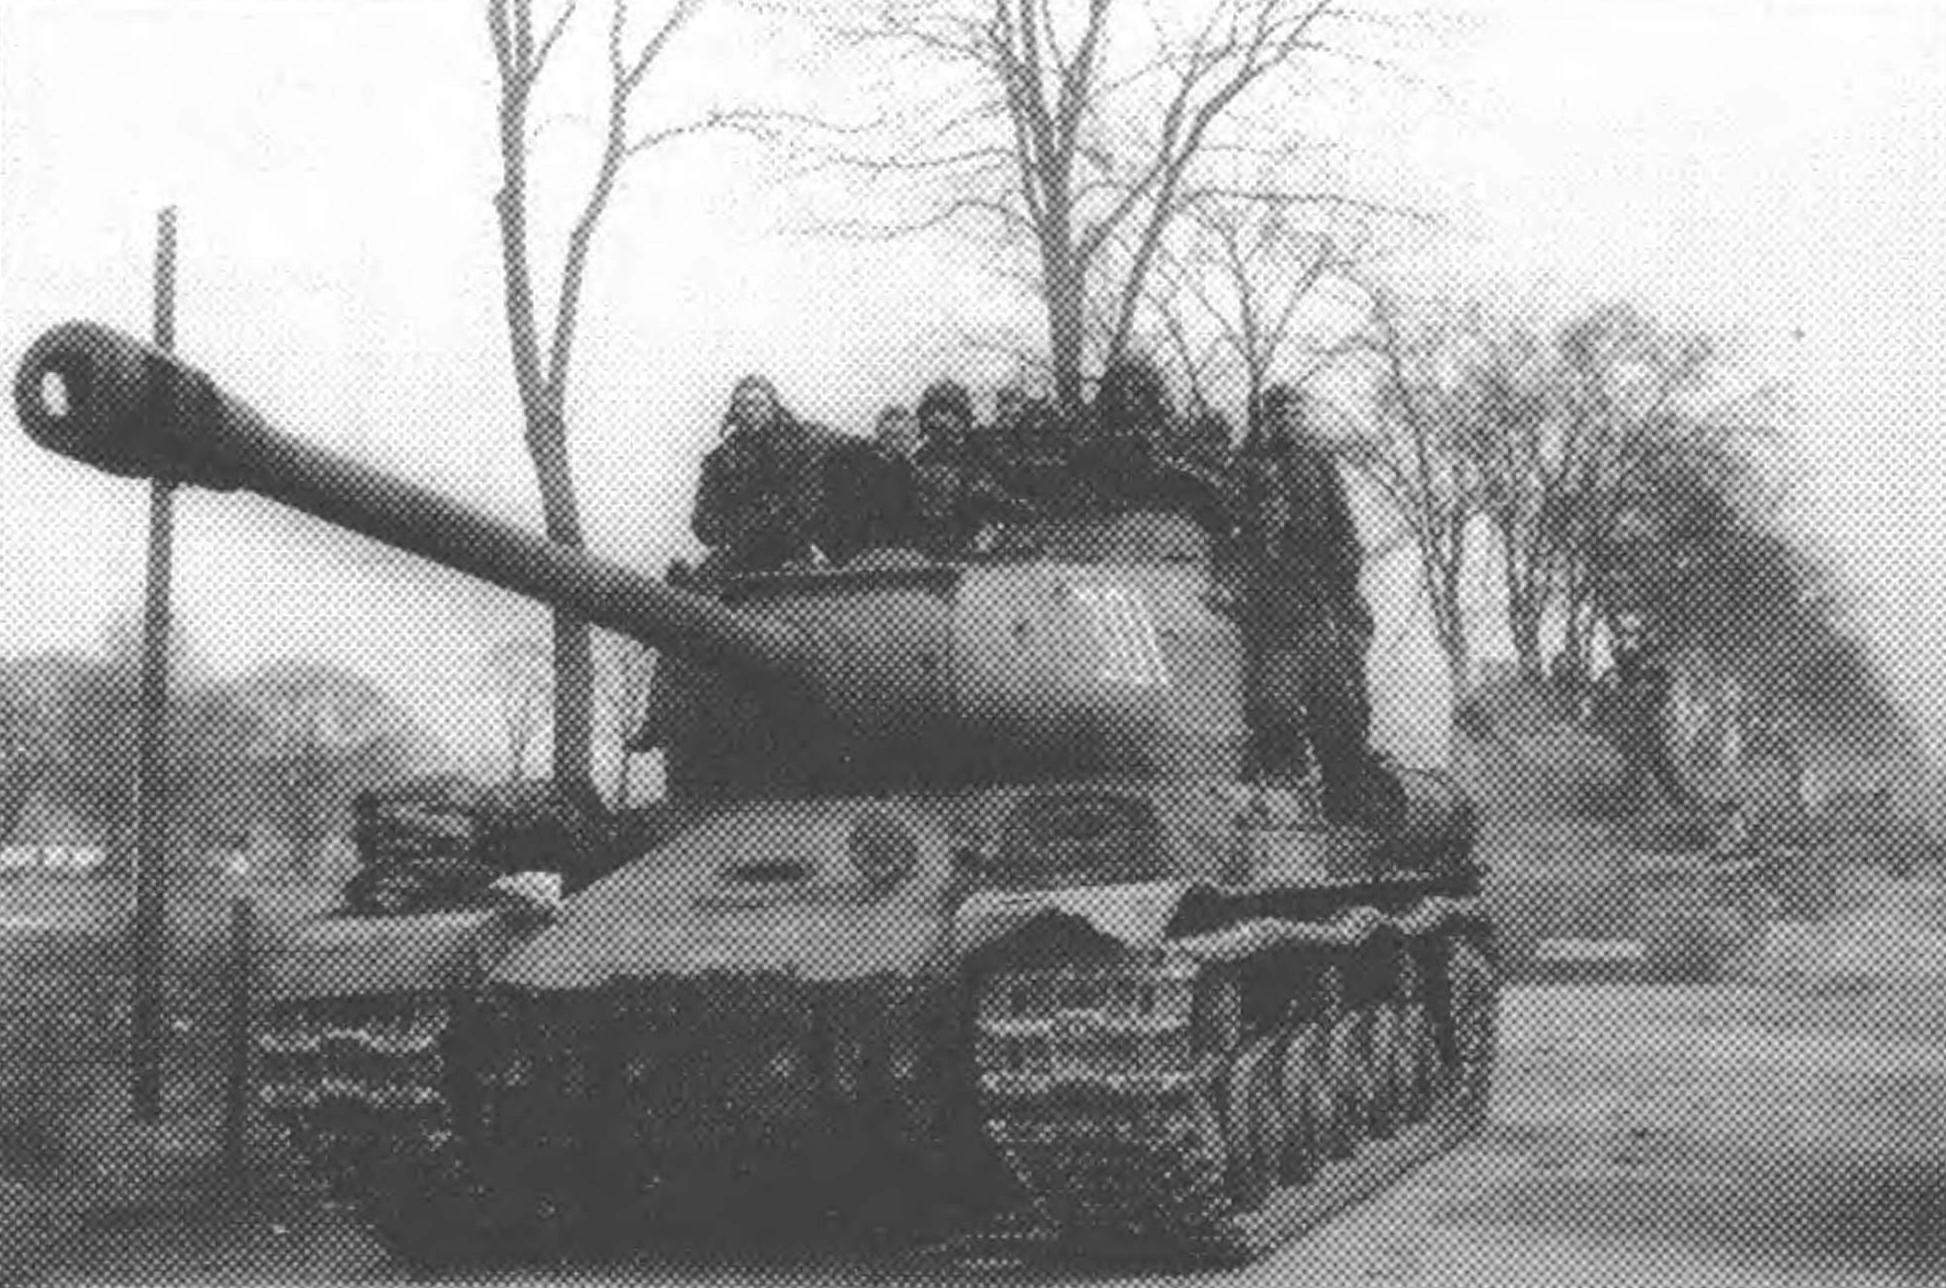 Колонна танков ИС-2 поздних выпусков на пути к Берлину. 3-я гвардейская танковая армия, 1-й Украинский фронт, весна 1945 года